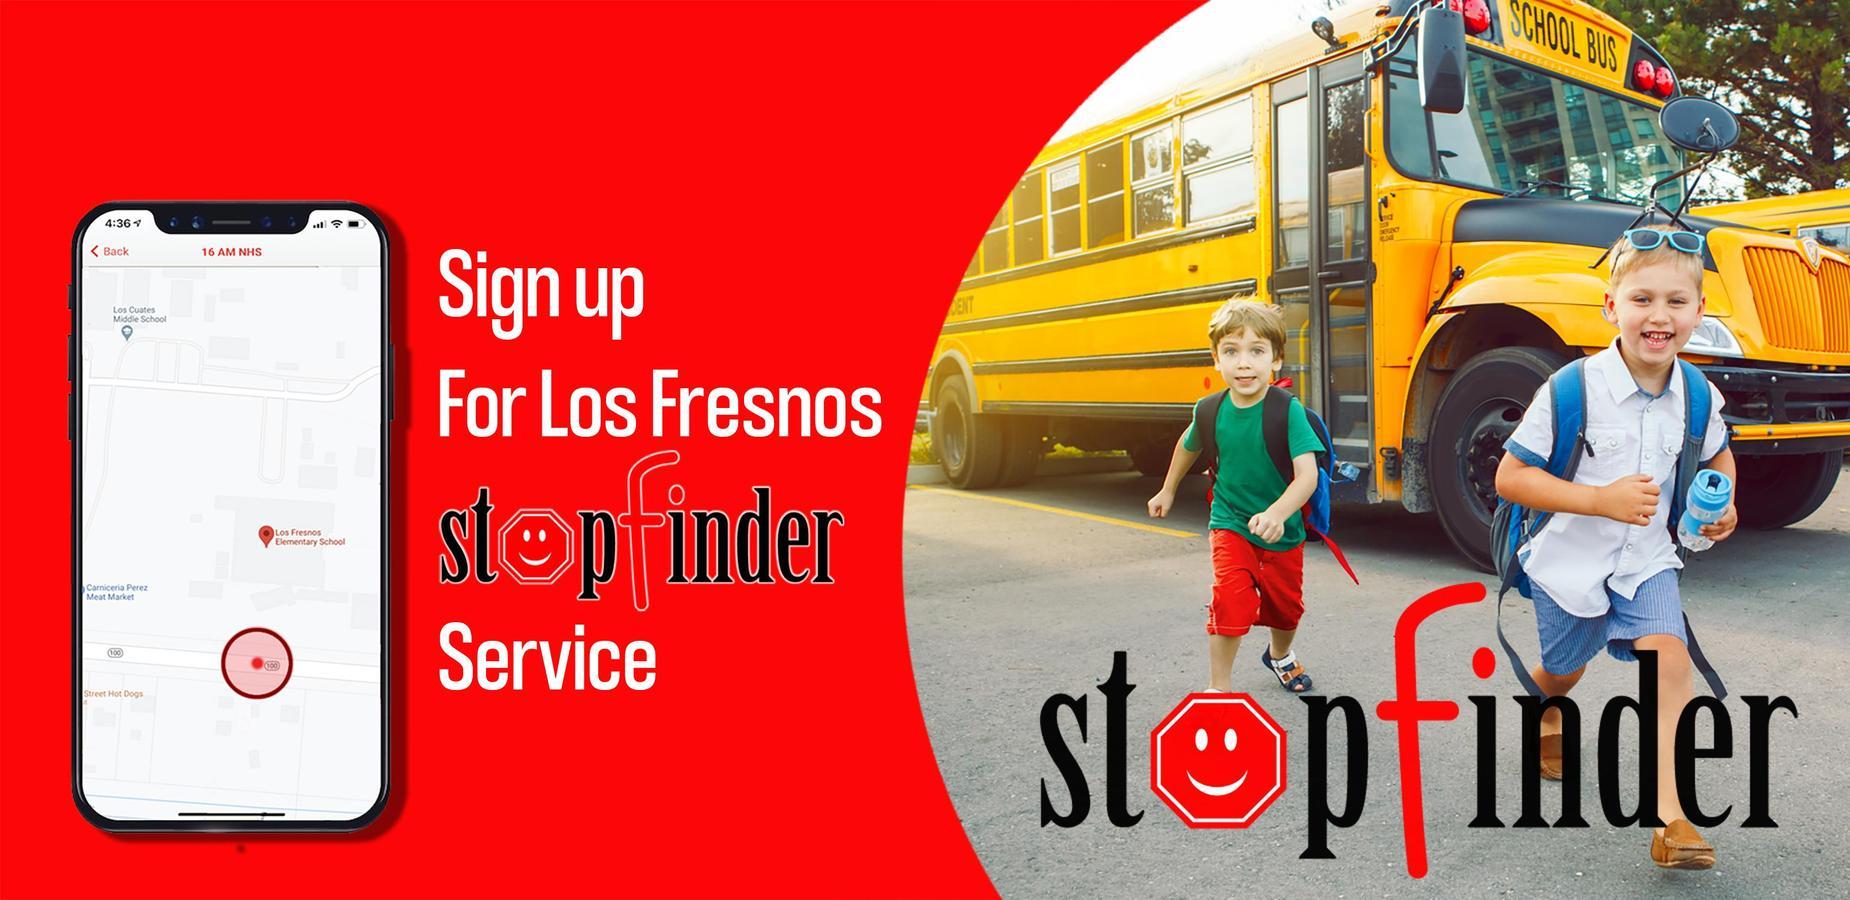 Stopfinder sign up banner